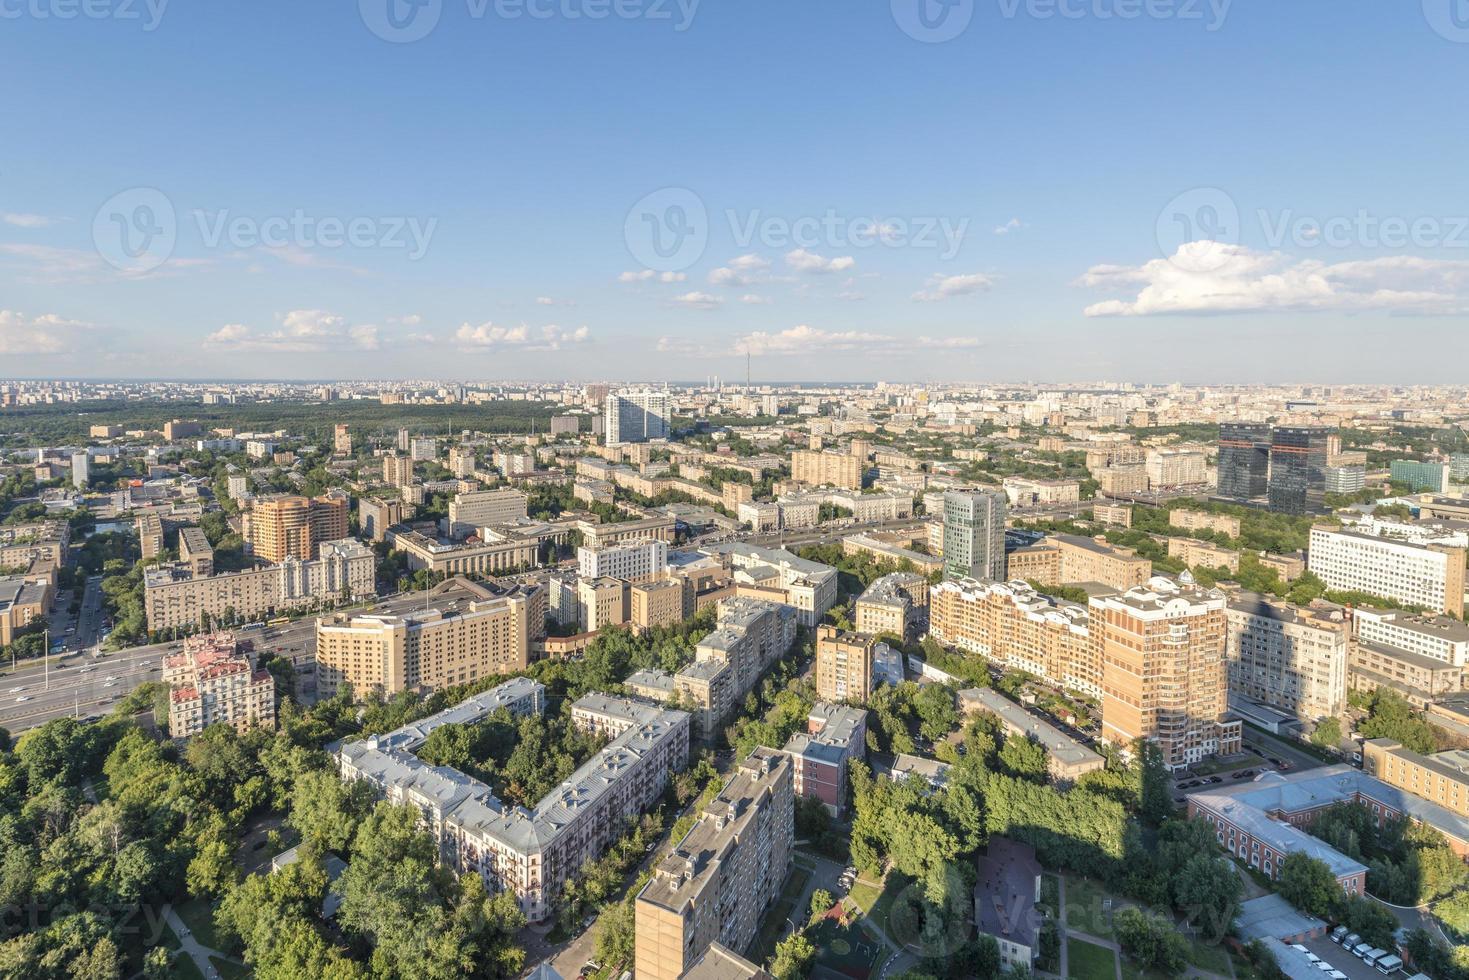 moderni grattacieli residenziali distretti di Mosca vista dall'alto foto